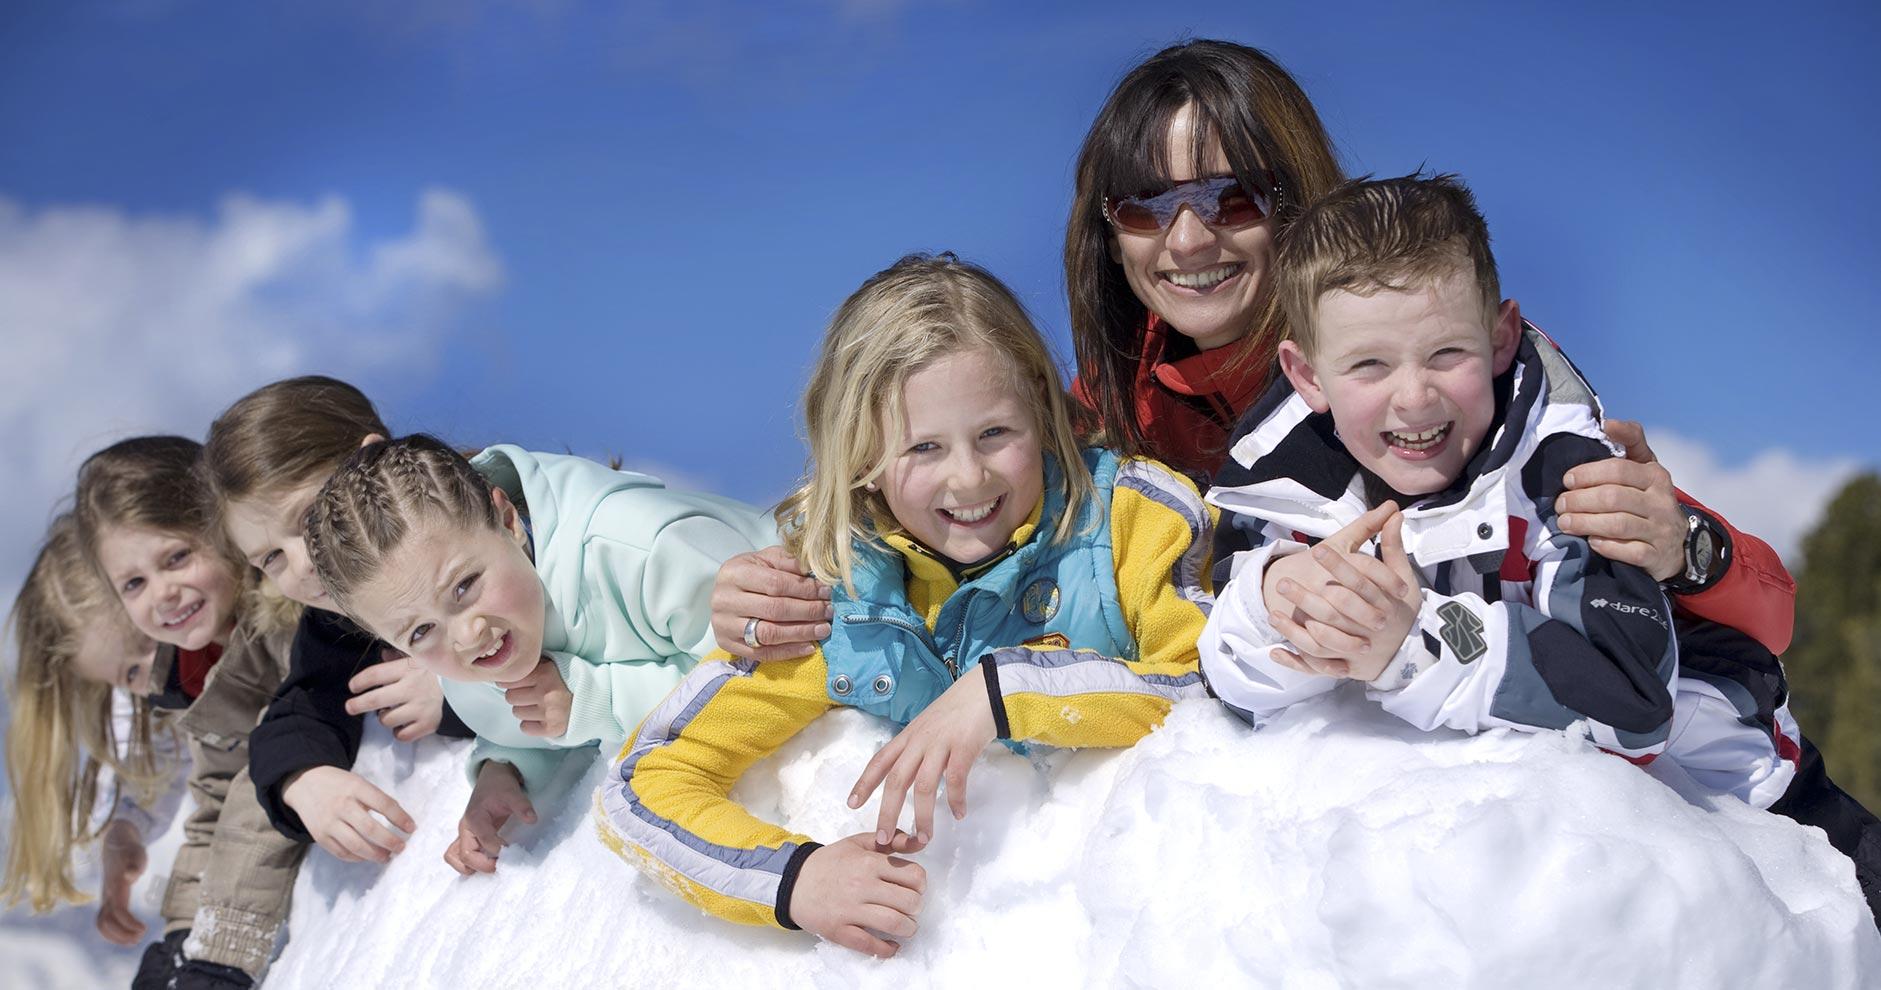 oetz_skikinder_skigebiet_004